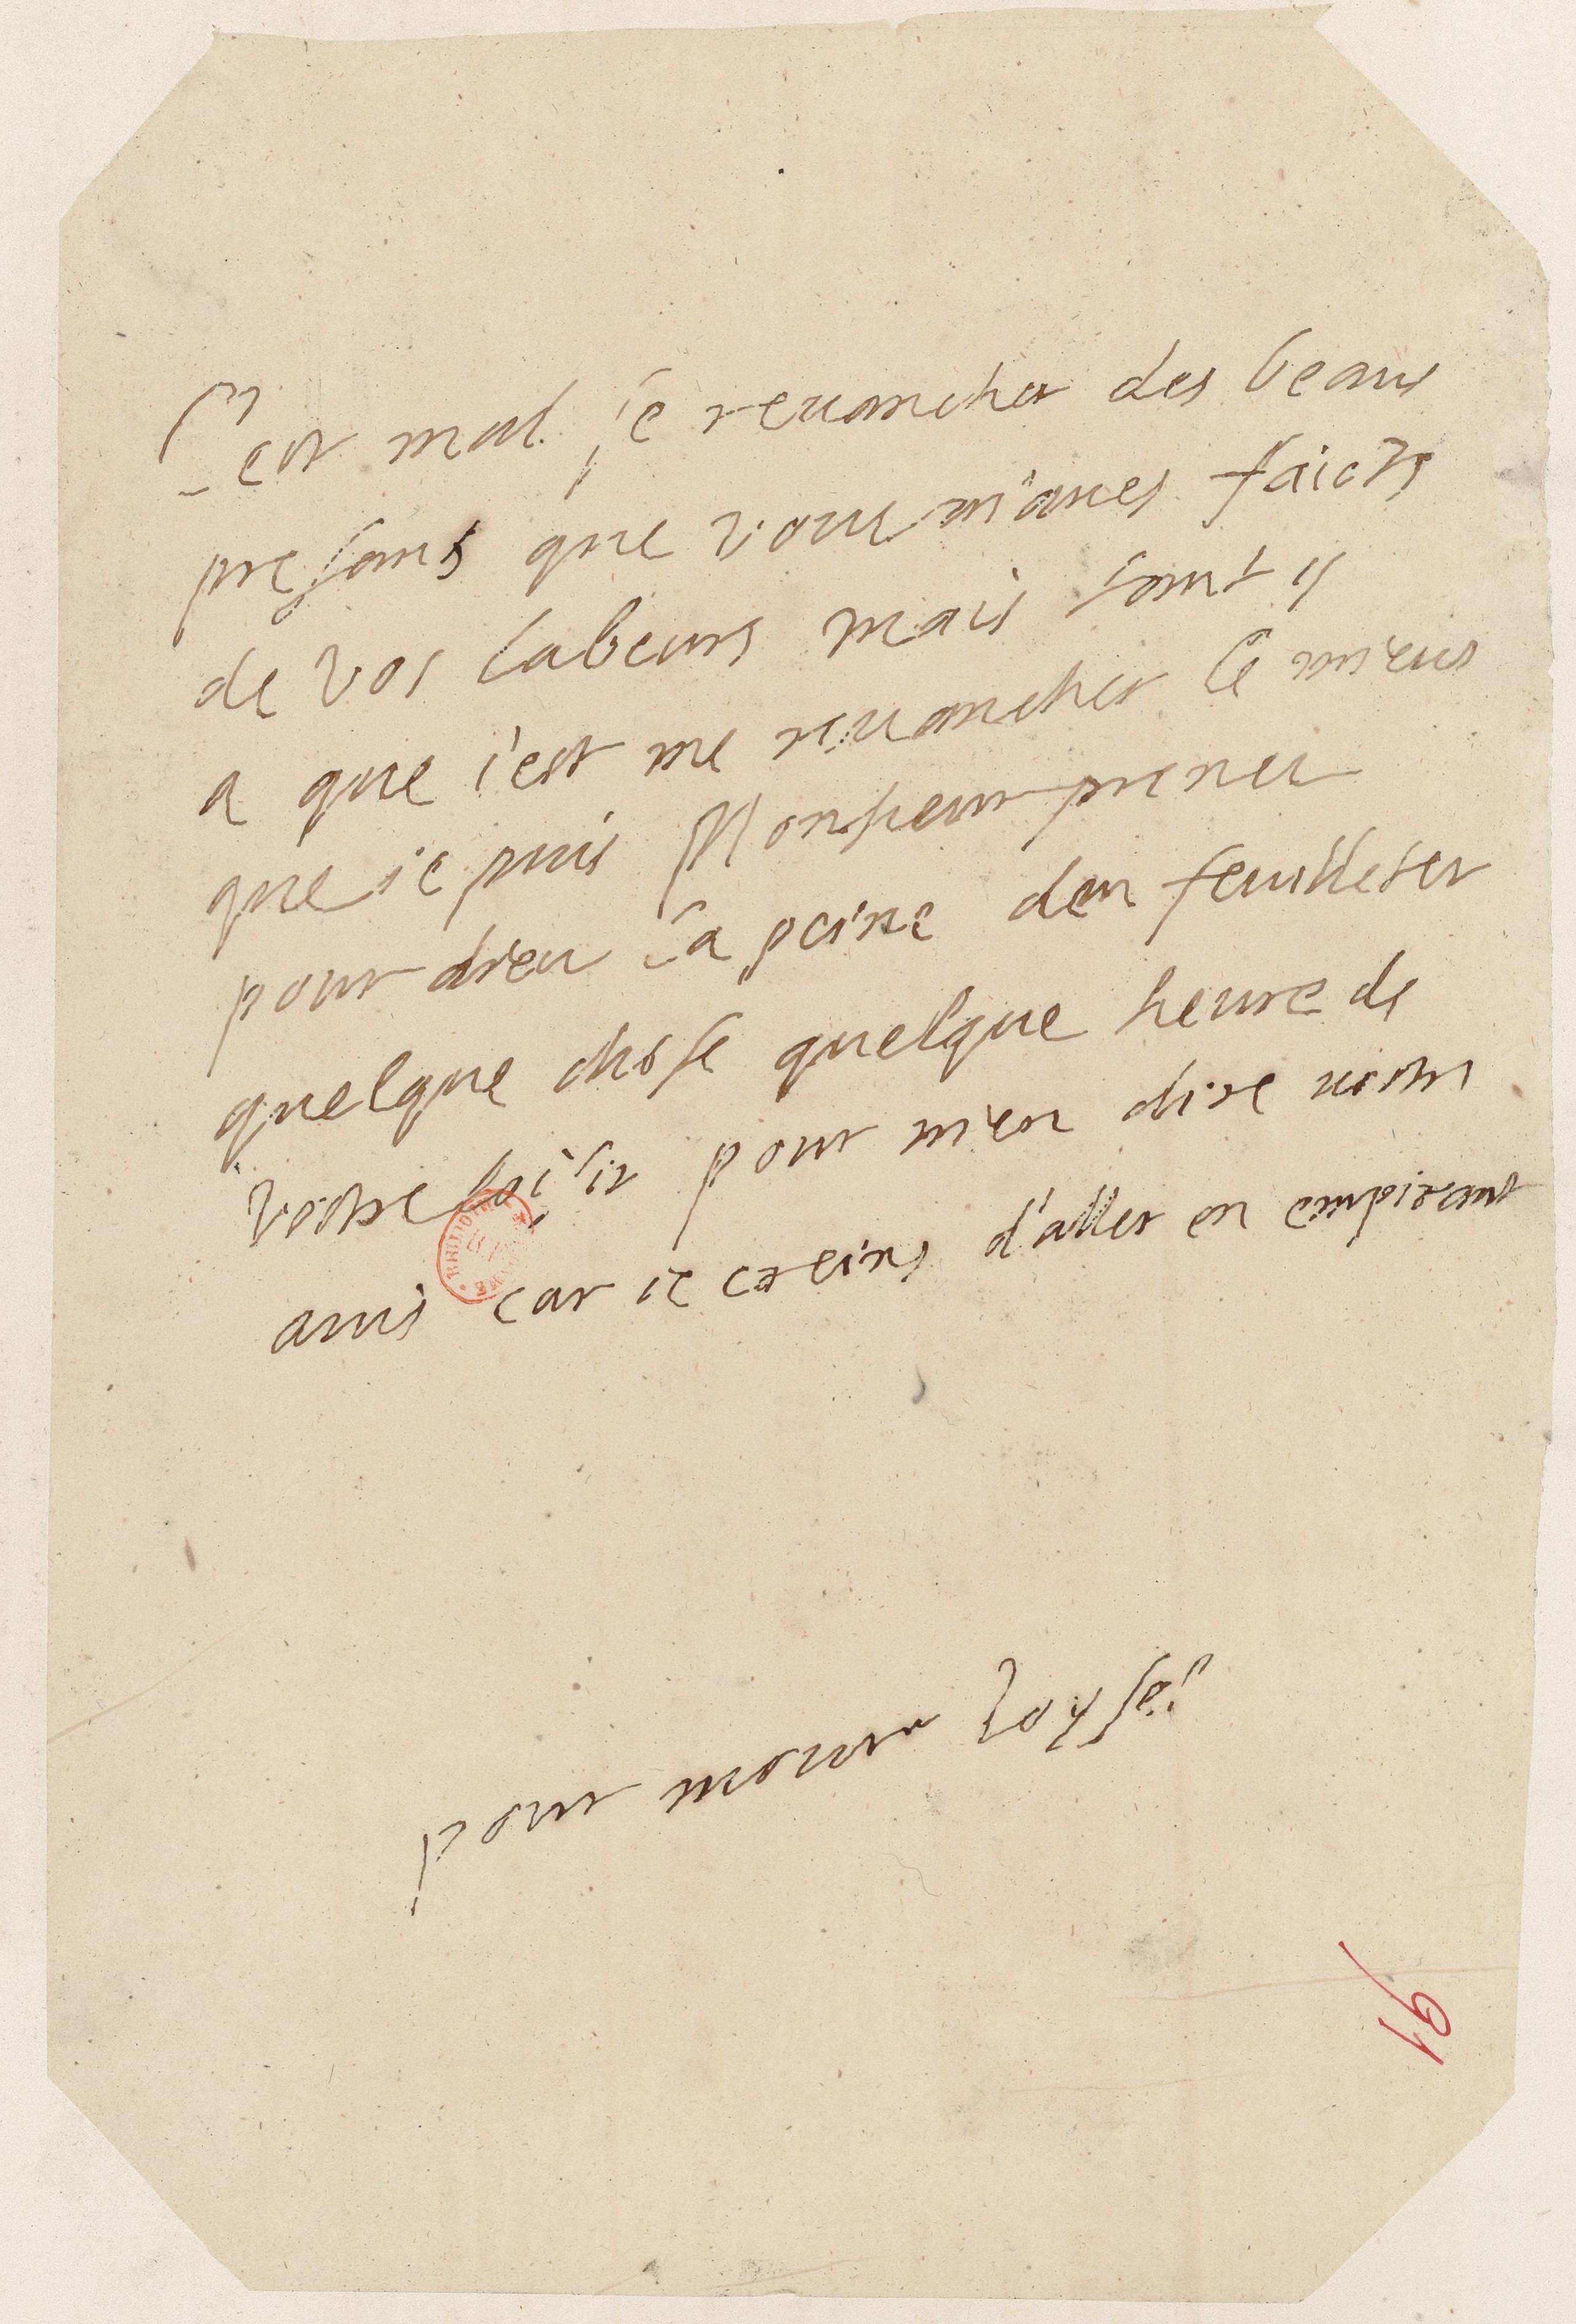 [Dédicace des Essais de 1588 à Antoine Loisel]